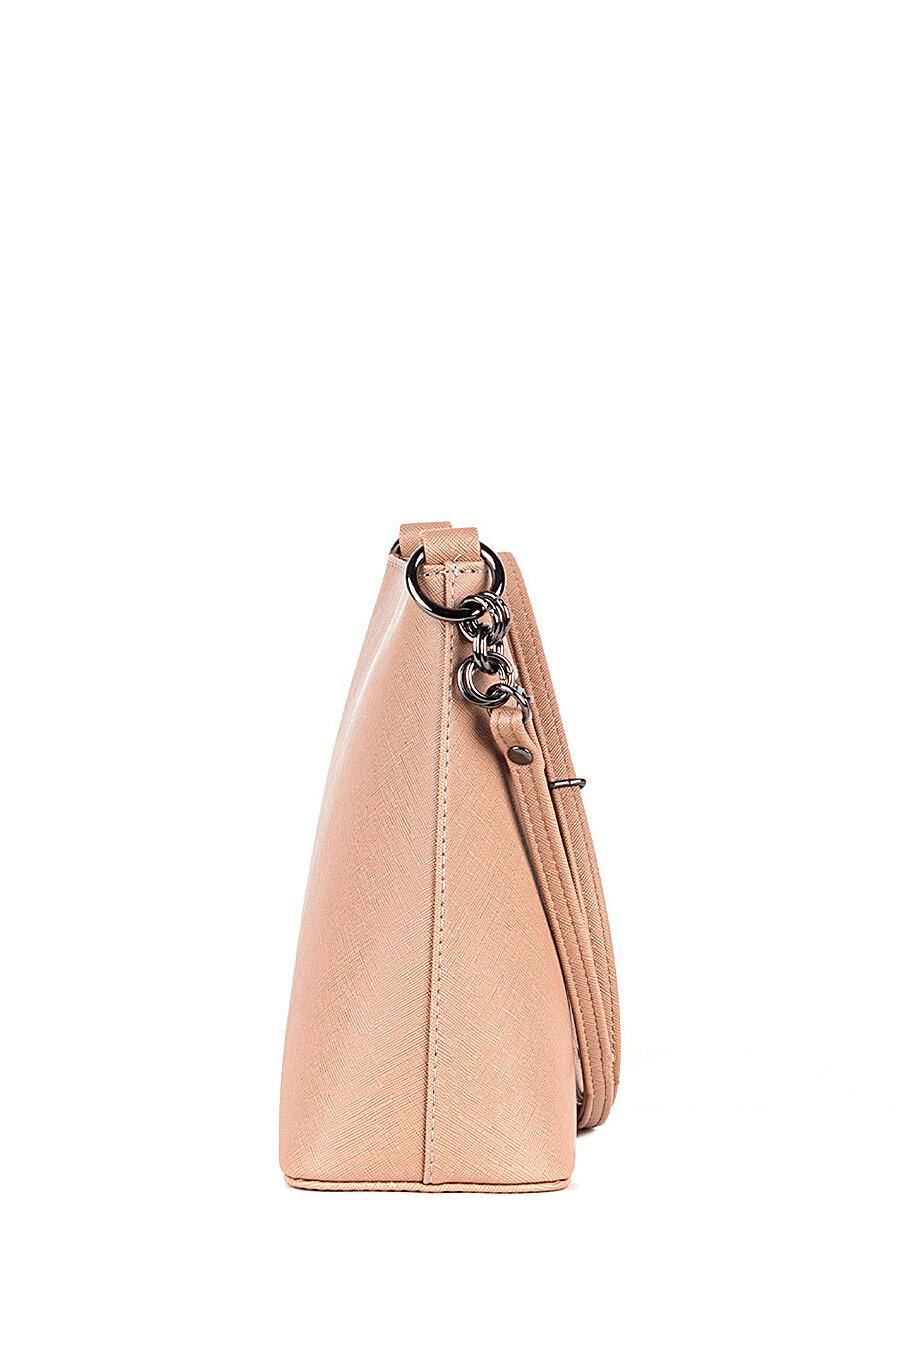 Сумка для женщин L-CRAFT 668236 купить оптом от производителя. Совместная покупка женской одежды в OptMoyo